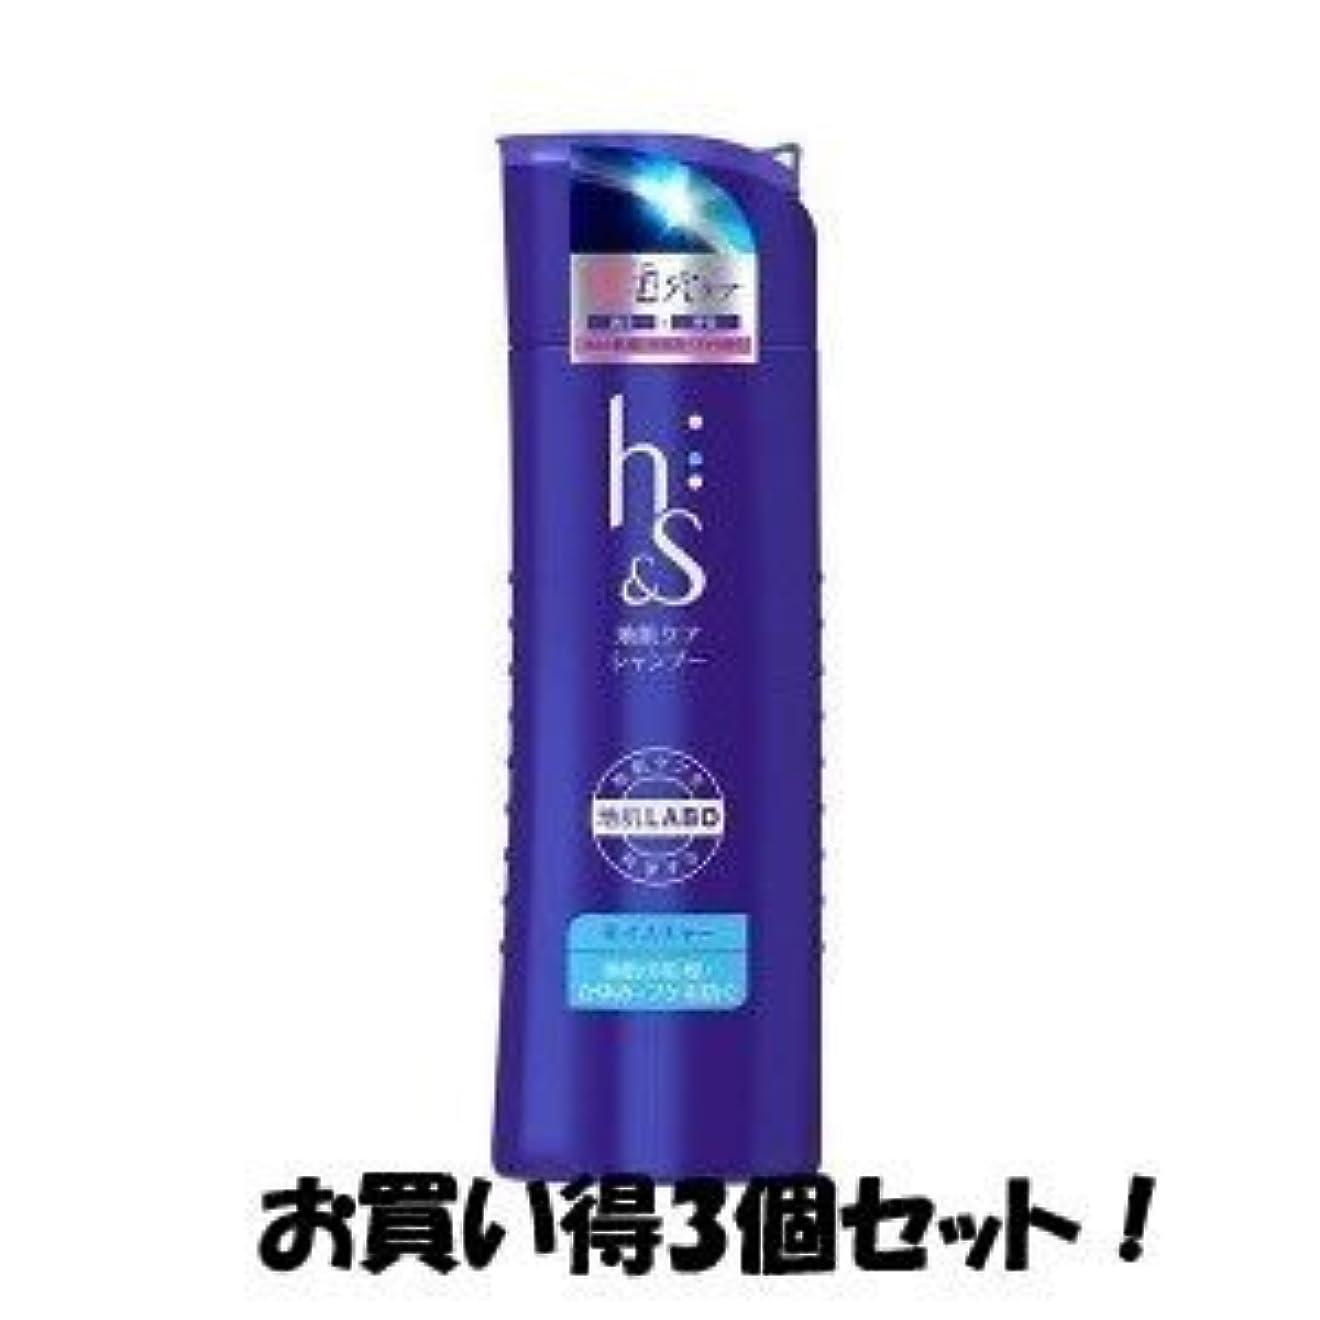 借りる見積り小間(P&G)h&s モイスチャー シャンプー 190ml(医薬部外品)(お買い得3個セット)